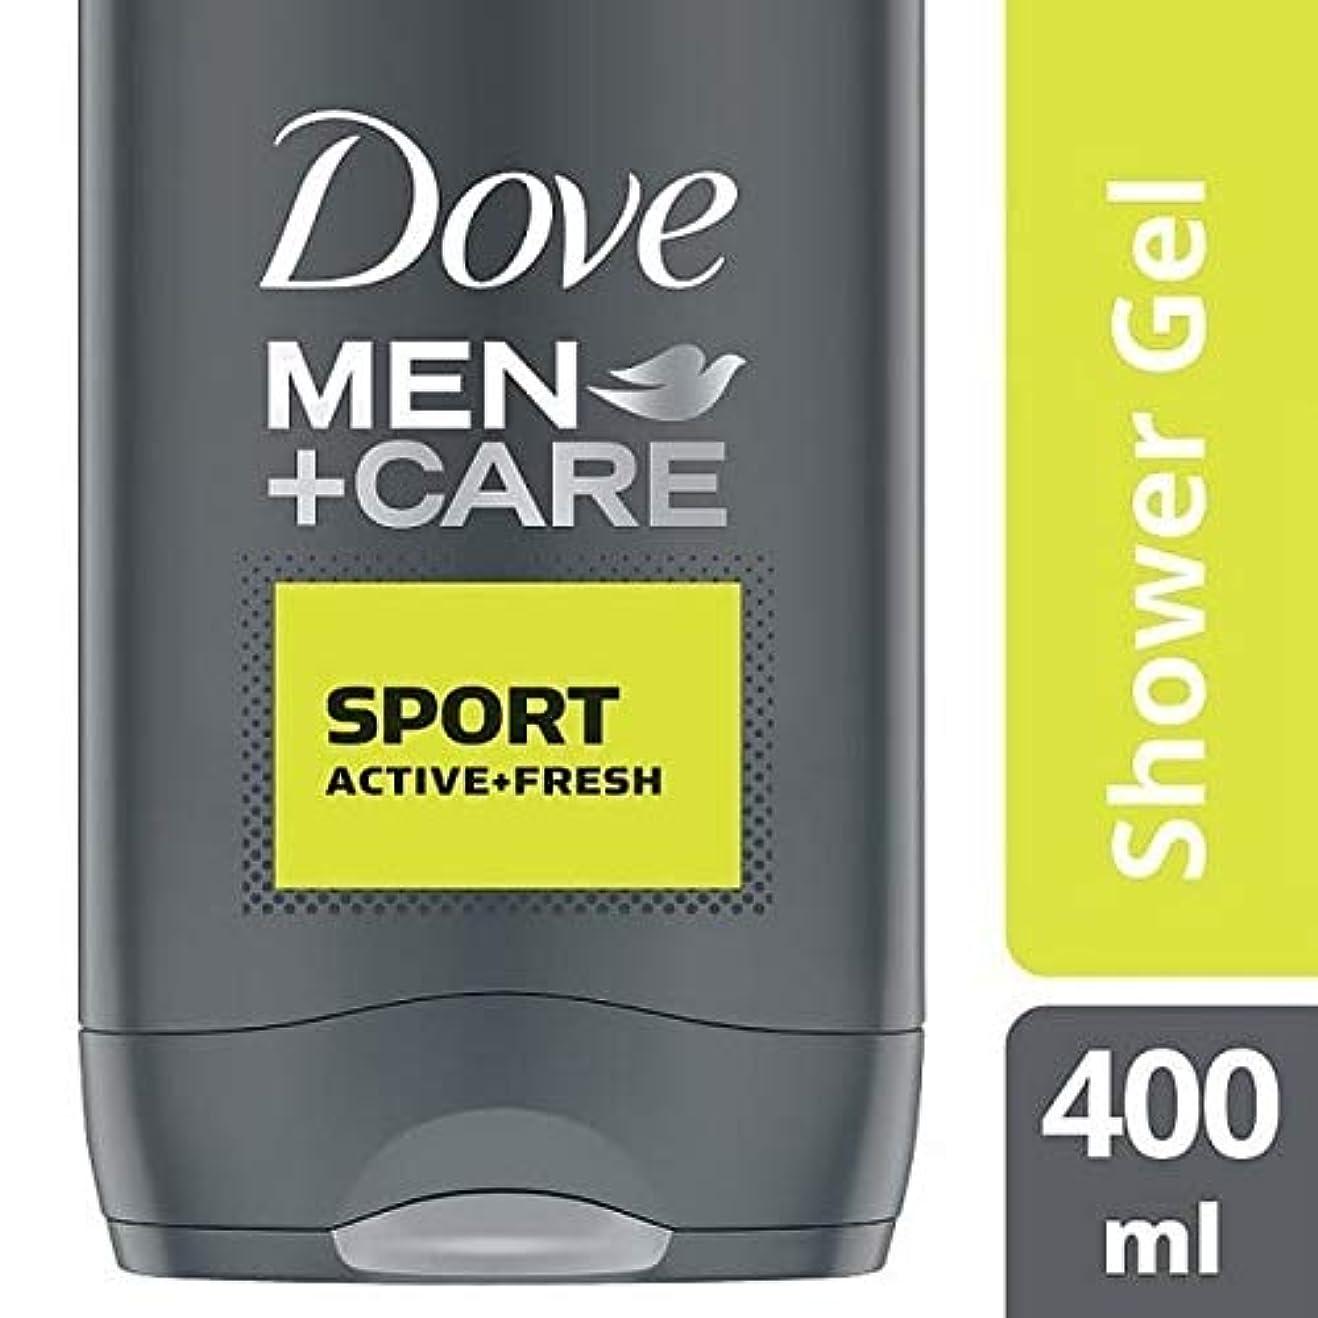 非武装化蒸留革命的[Dove ] 鳩の男性+ケアスポーツアクティブ&フレッシュボディウォッシュ400ミリリットル - Dove Men + Care Sport Active & Fresh Bodywash 400ml [並行輸入品]